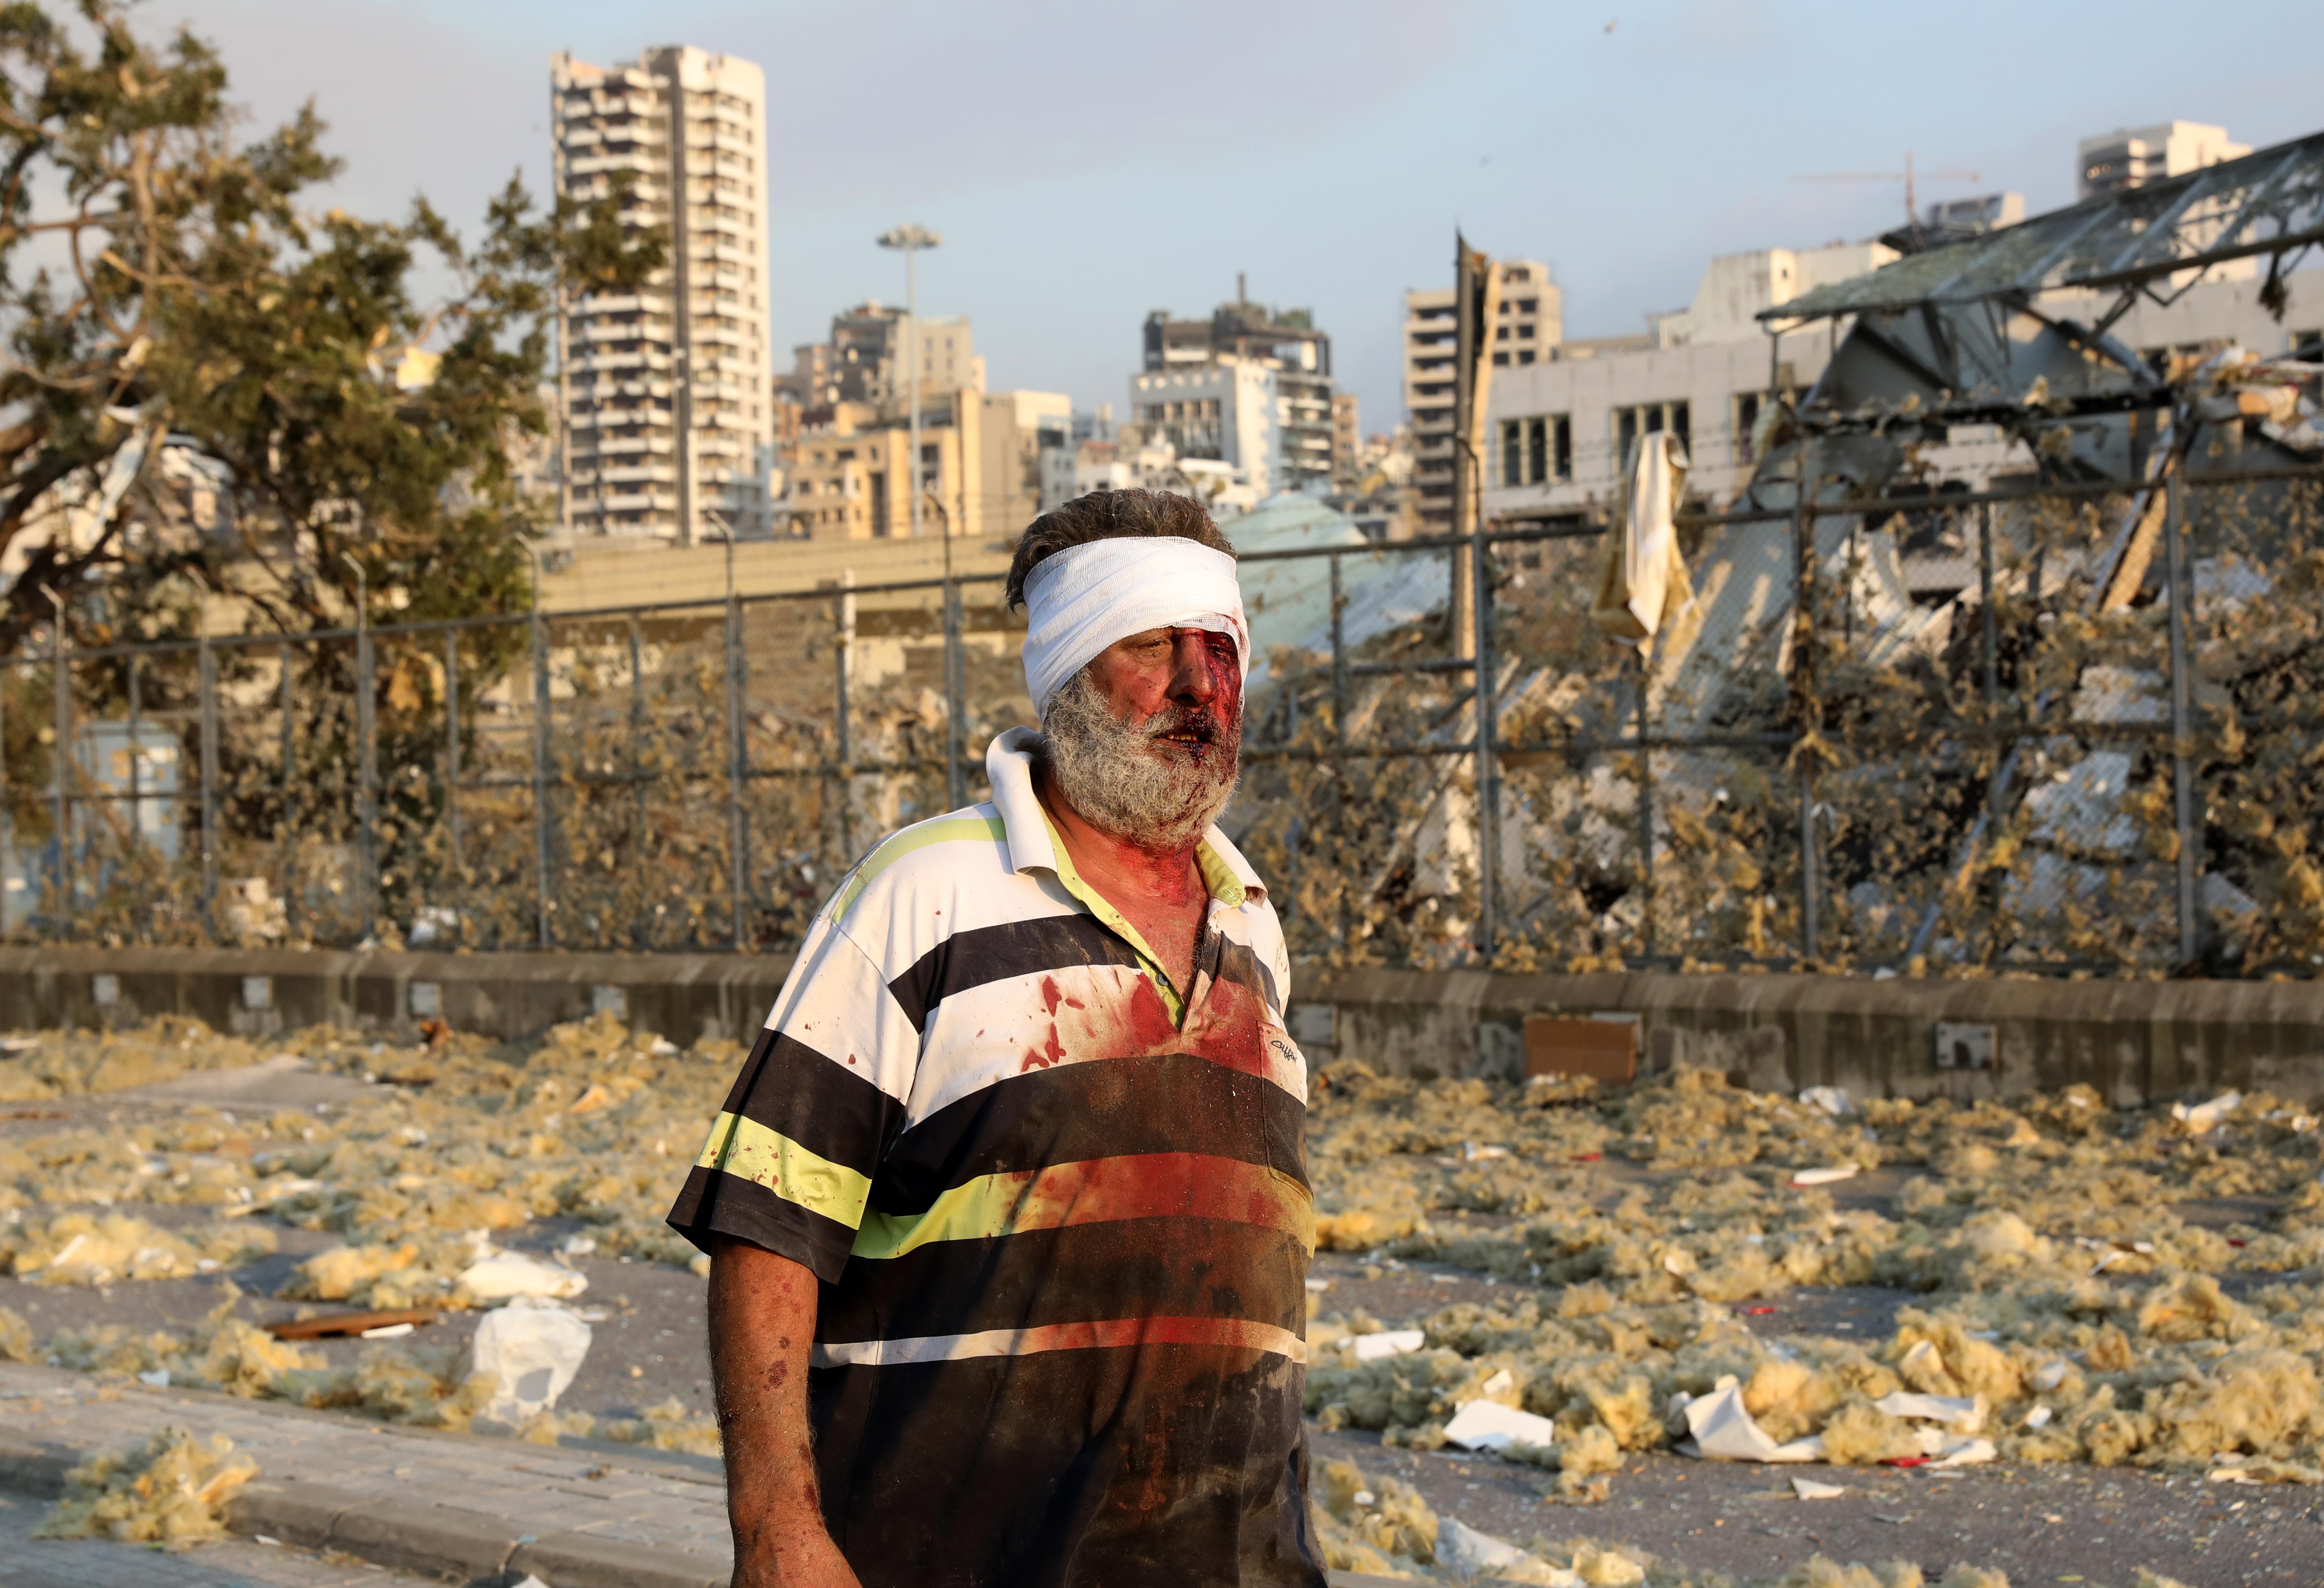 Los primeros reportes hablaban de decenas de heridos, pero luego las estimaciones pasaron a ser de cientos (Anwar Amro/ AFP)